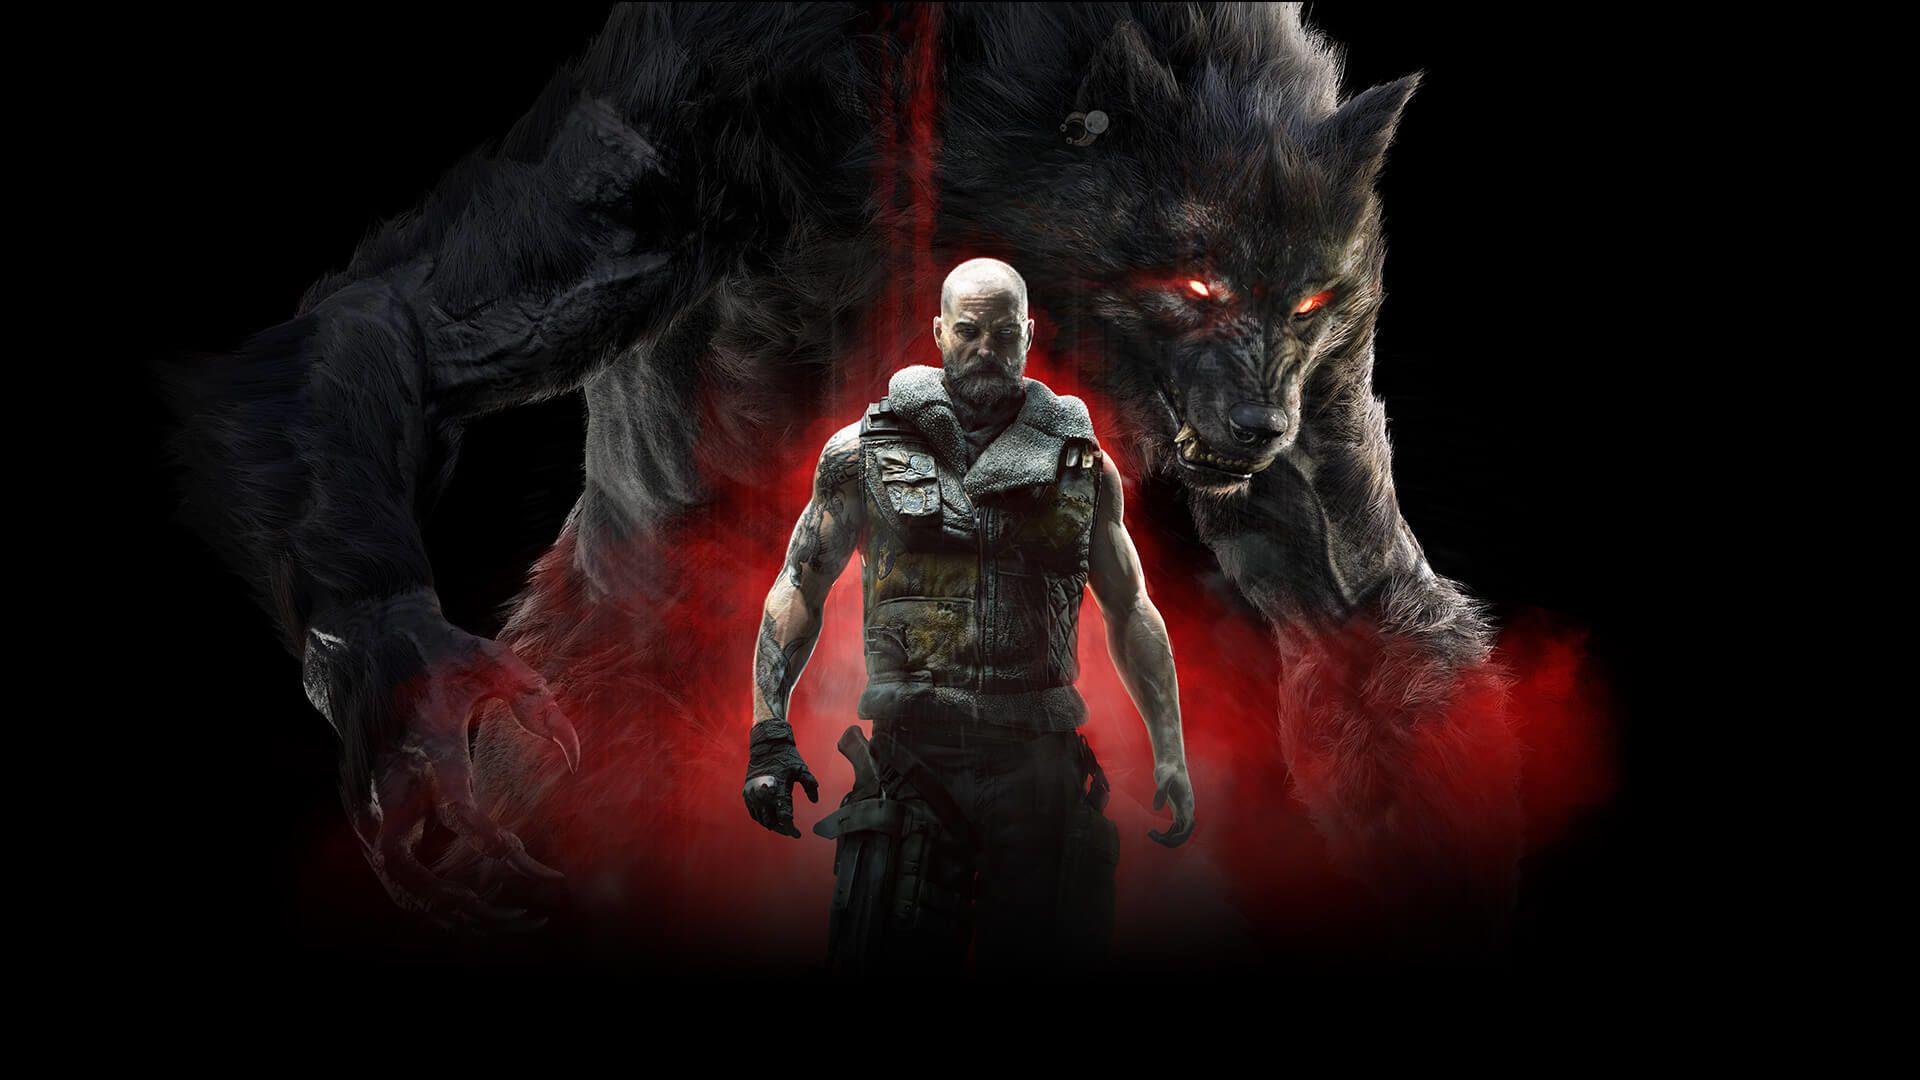 Werewolf: The Apocalypse выйдет в2021 году. Есть геймплейный трейлер